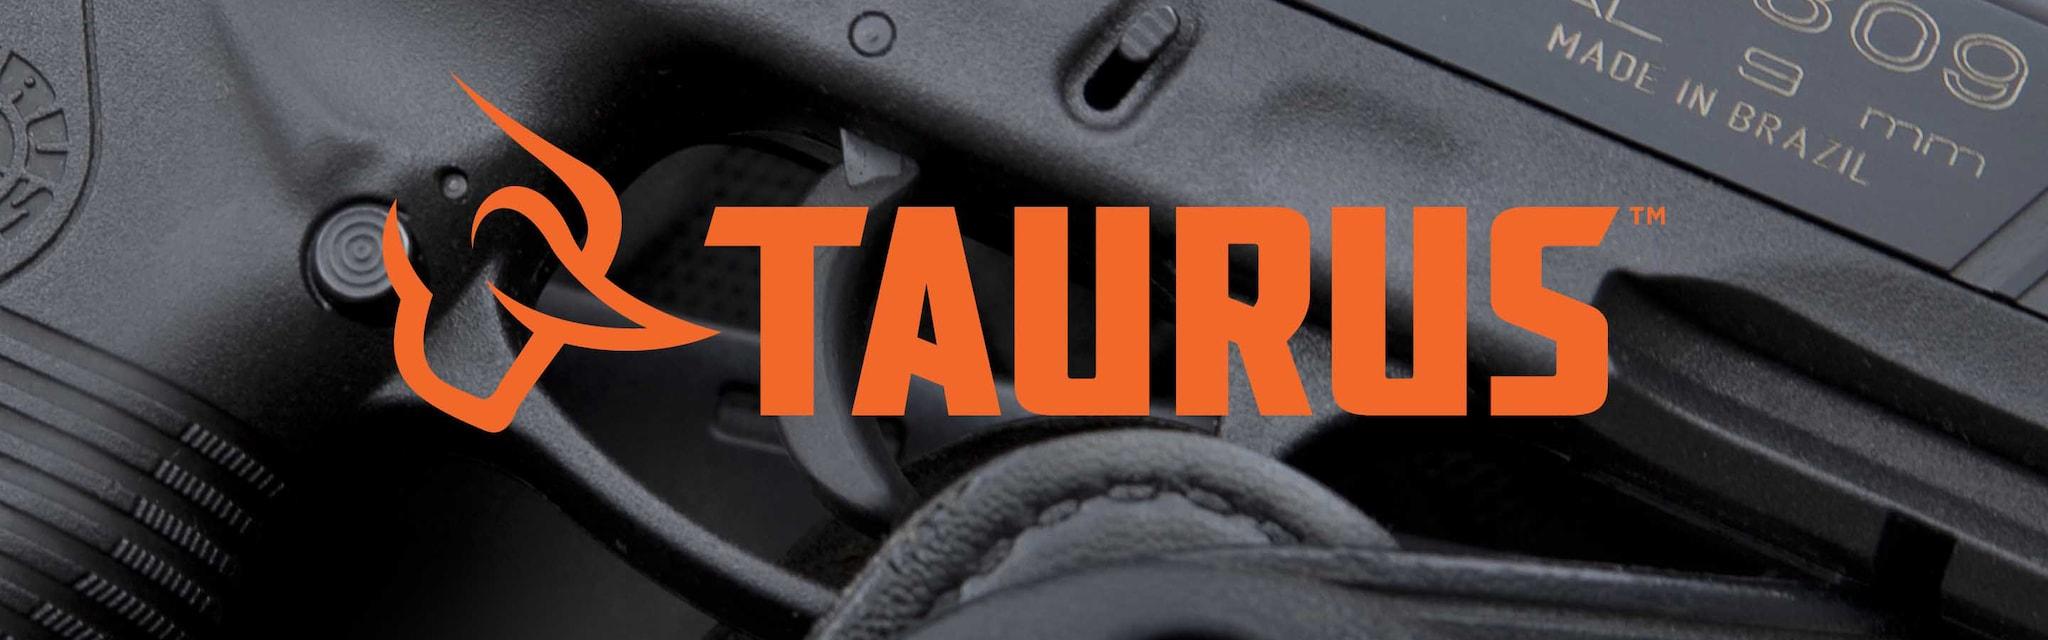 Taurus brand image